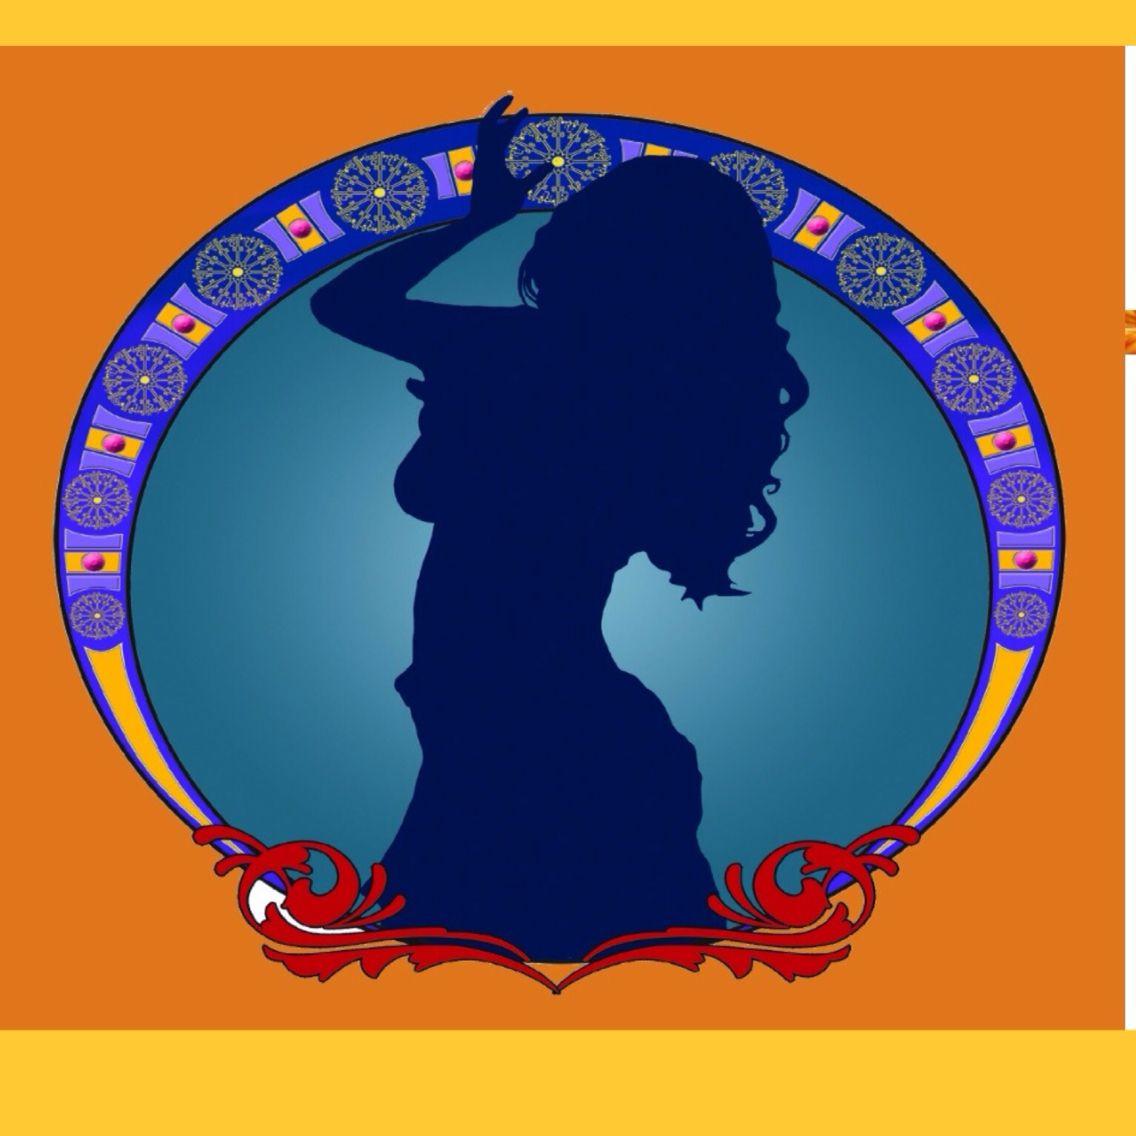 Tayra's image